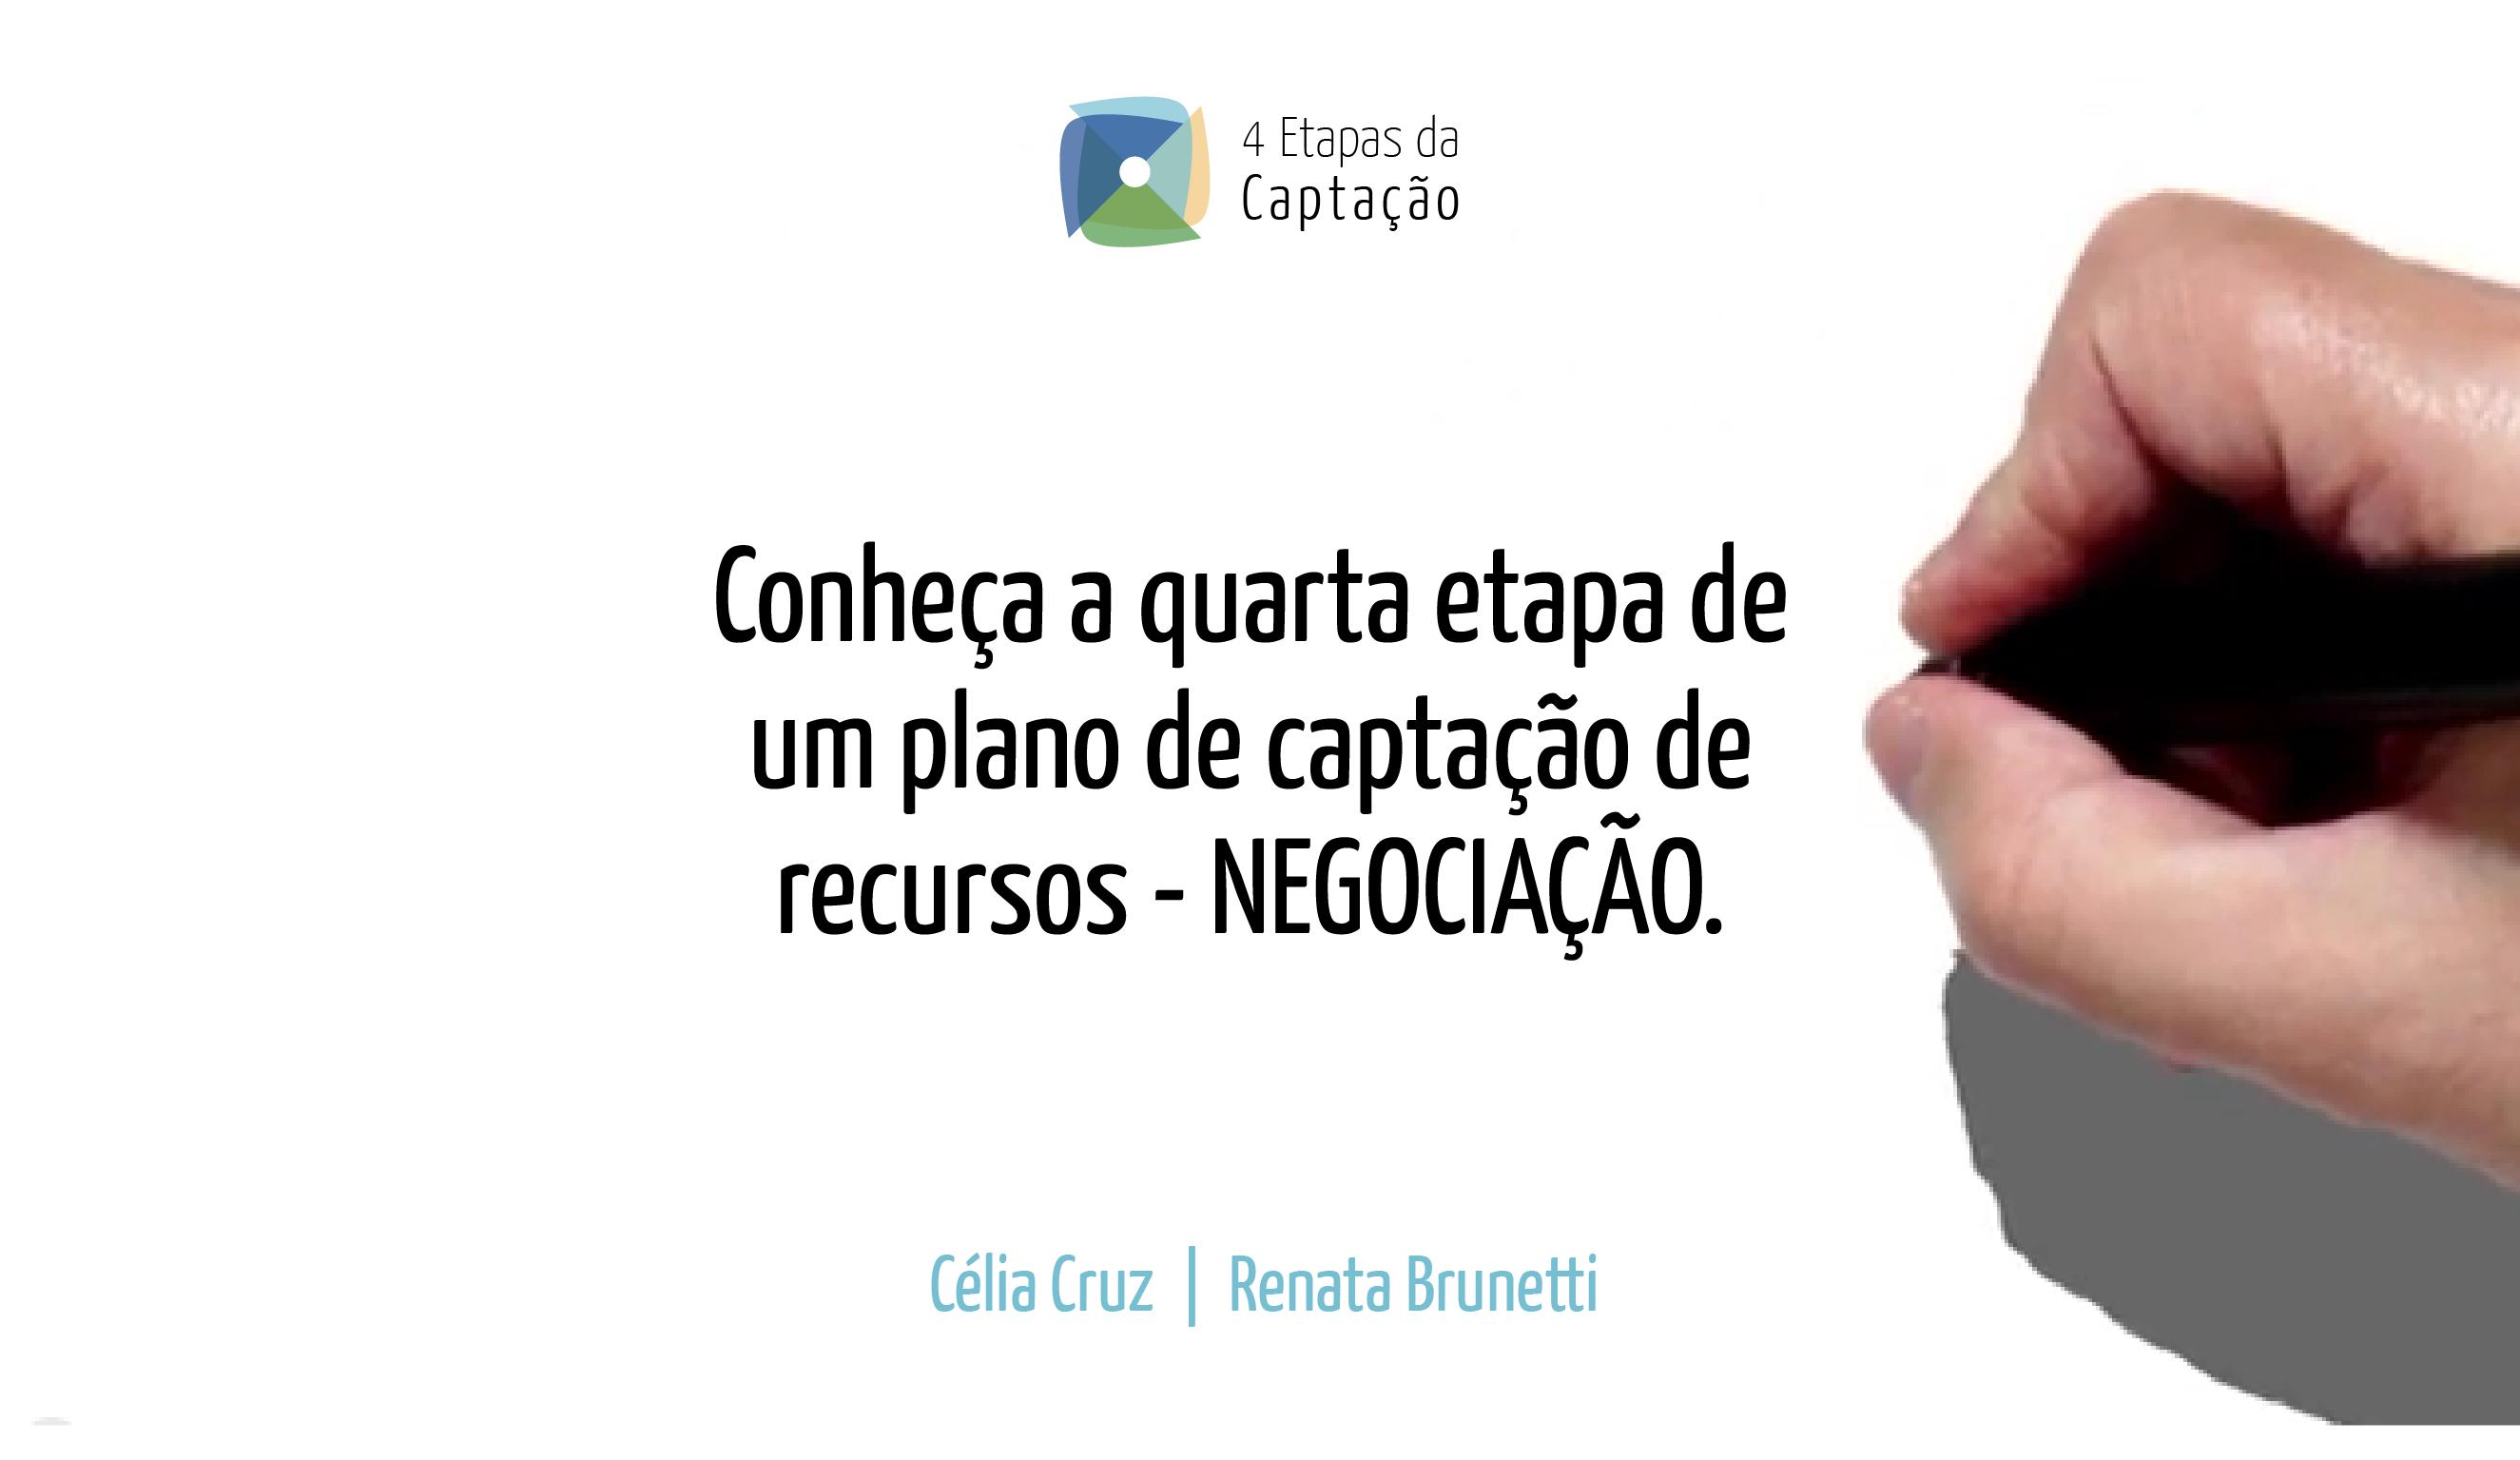 Conheca a quarta etapa de um plano de captacao de recursos - NEGOCIACAO